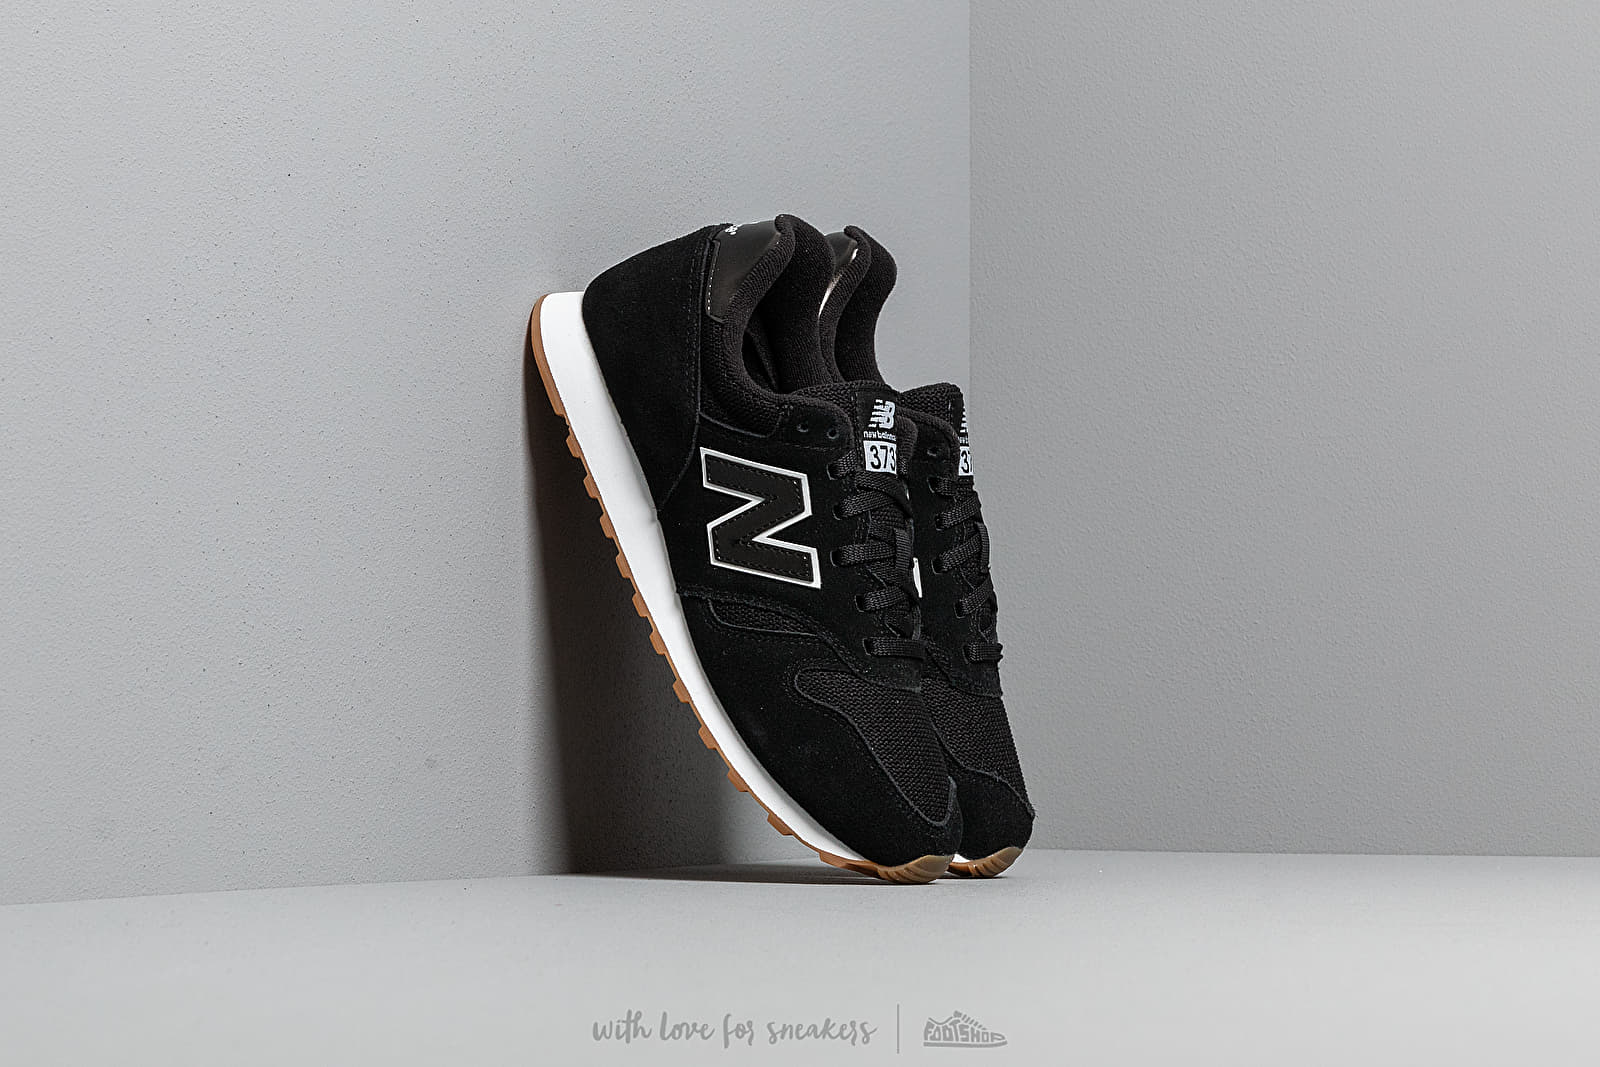 sports shoes a6dff d2b56 New Balance 373 Black/ White/ Gum | Footshop